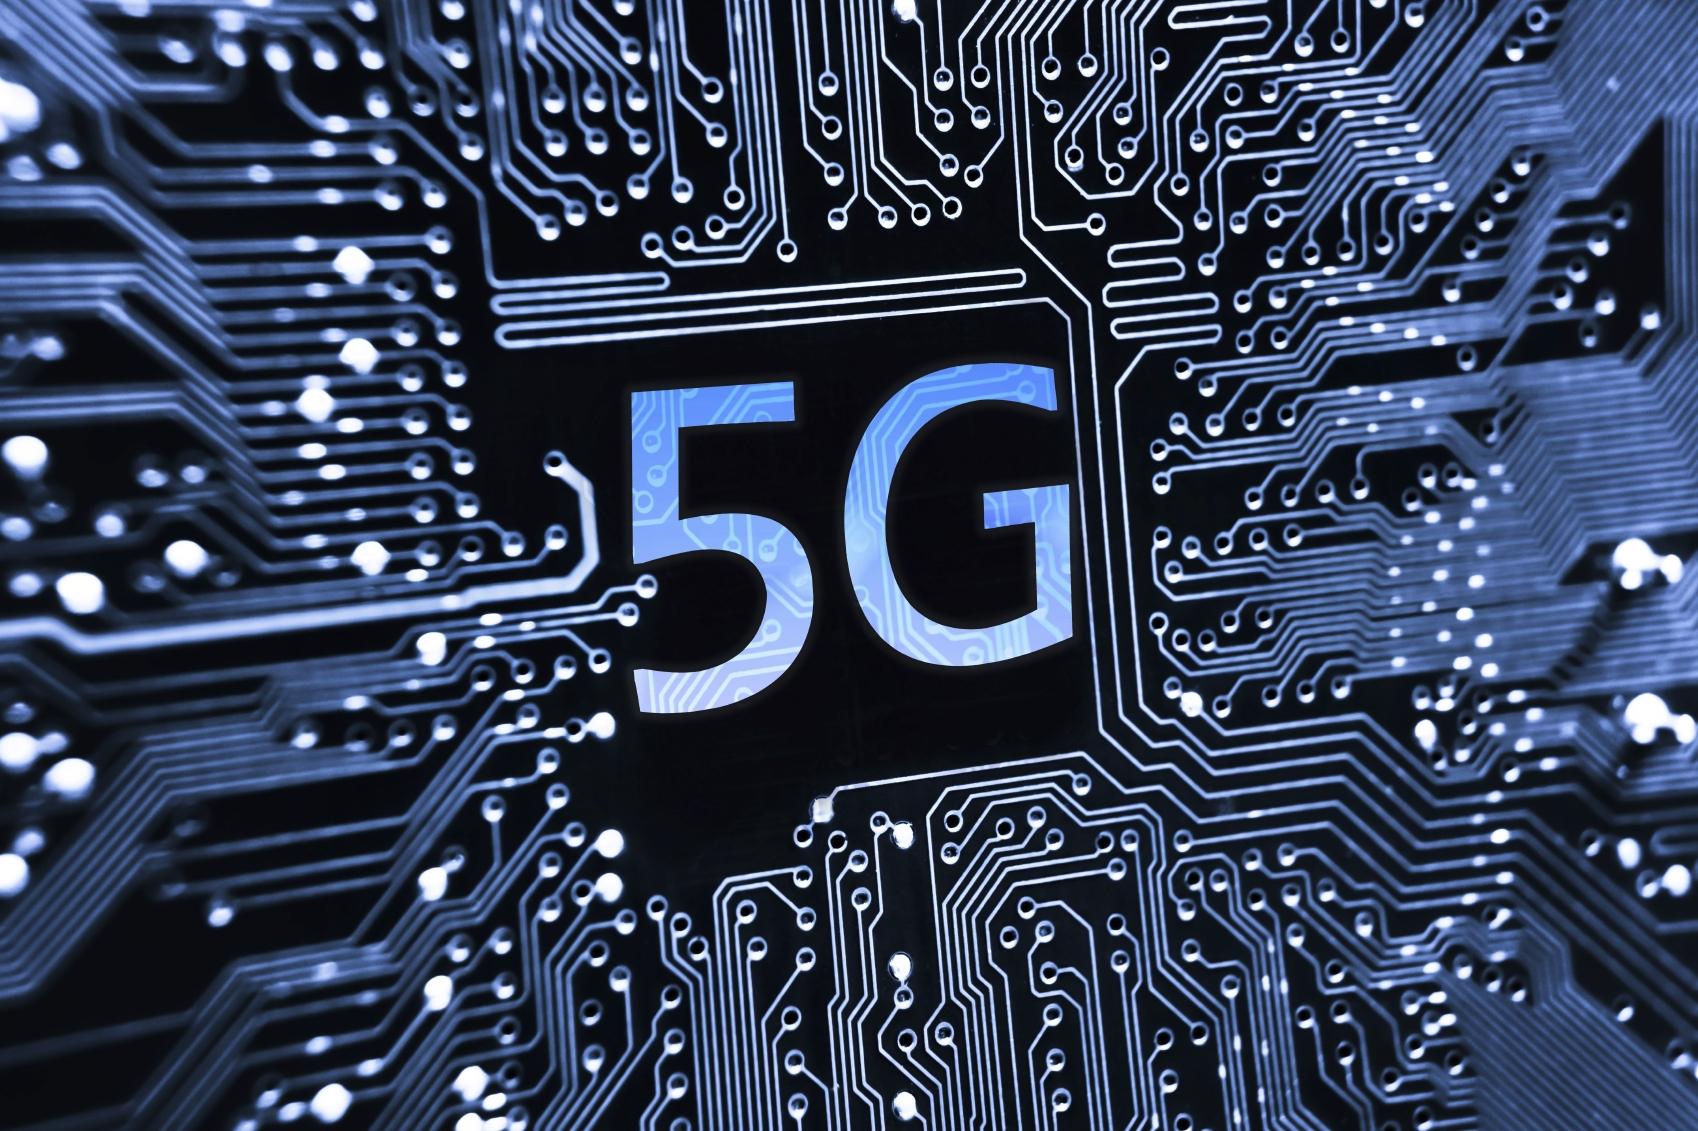 Ученый Франк рекомендовал приостановить внедрение 5G, пока не подтвердят безопасность технологии